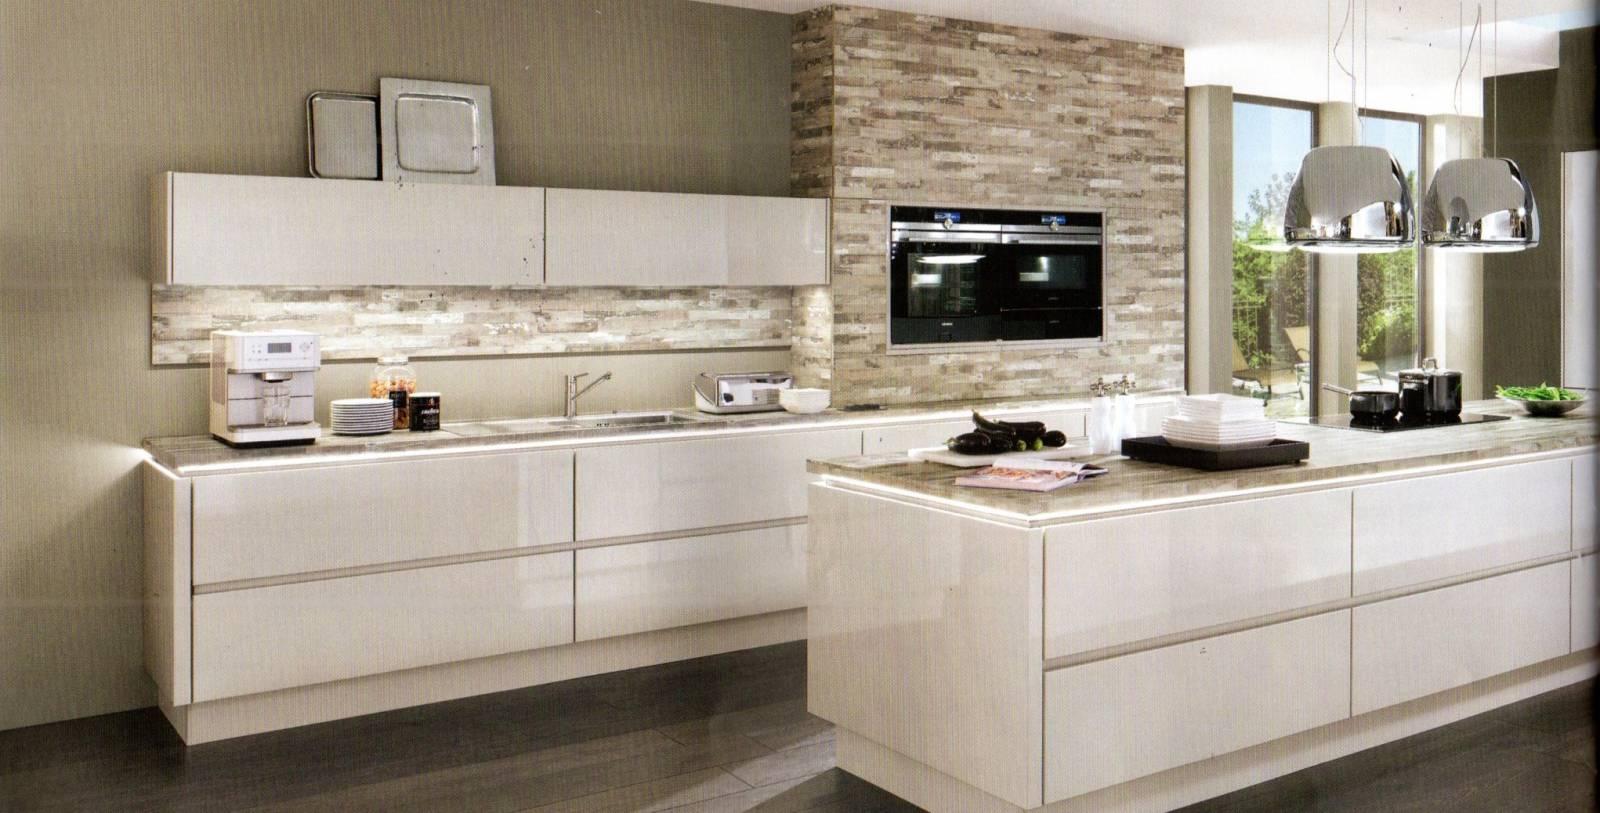 Cuisine Chaleureuse Avec Ilot réalisation d'une cuisine sur mesure ,laquée blanc , près de